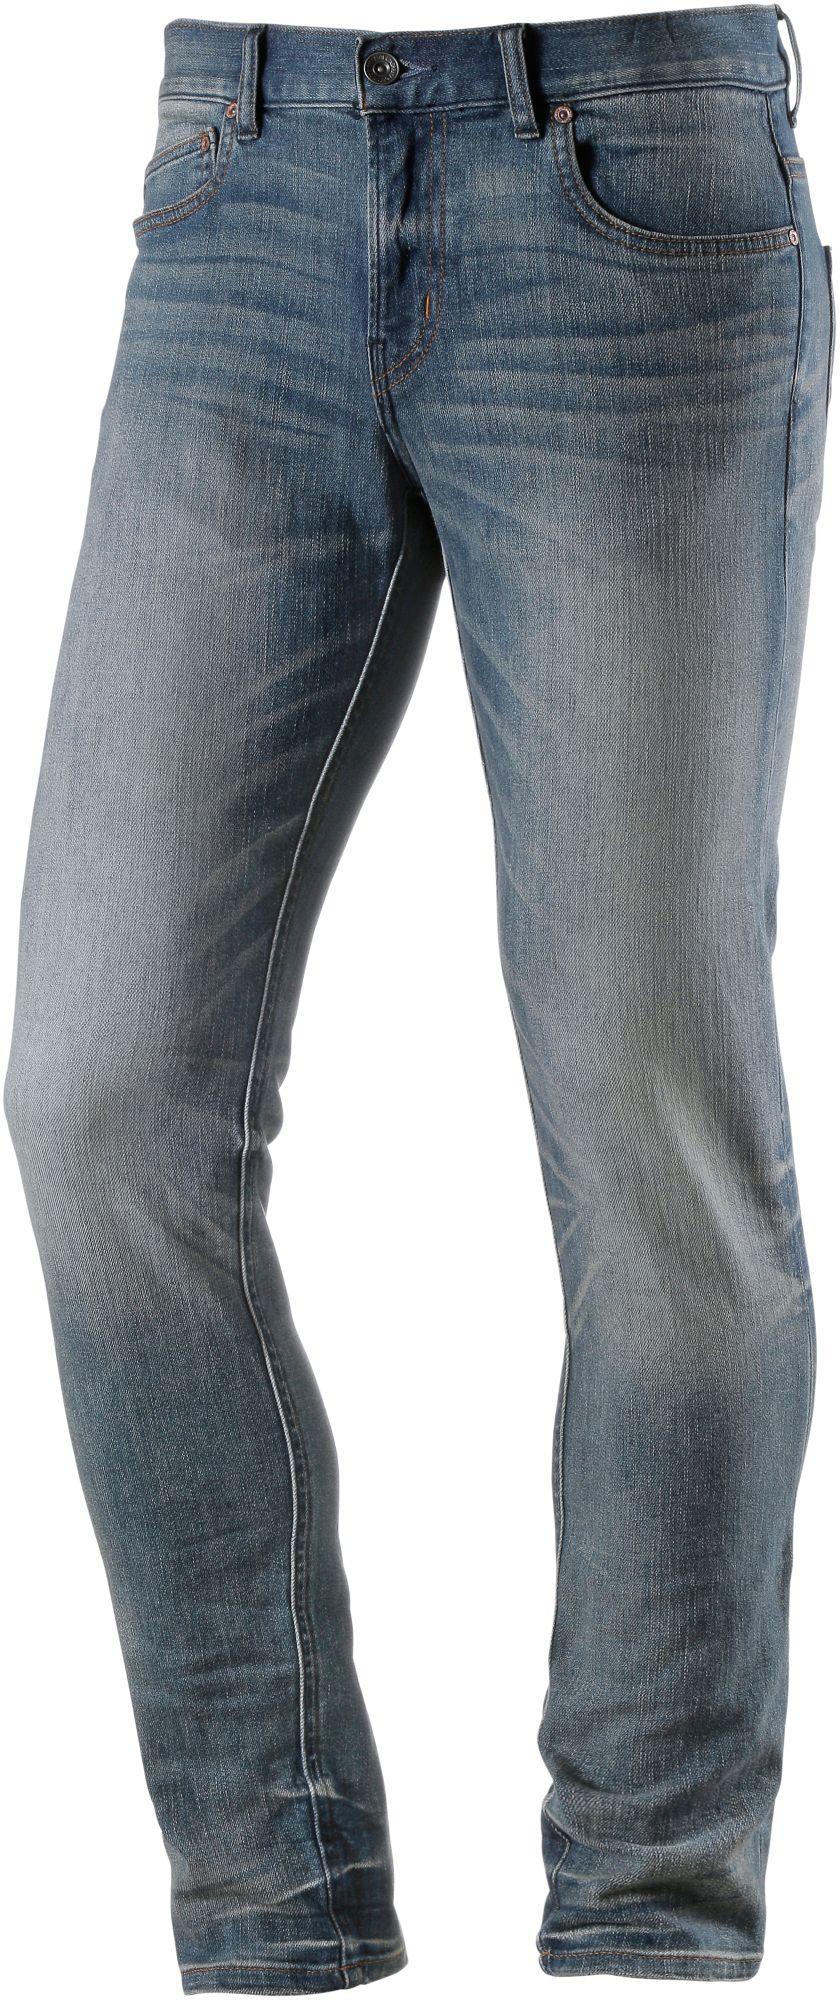 Alessandro Slim Fit Jeans Herren mehrfarbig, Größe 32 / 32